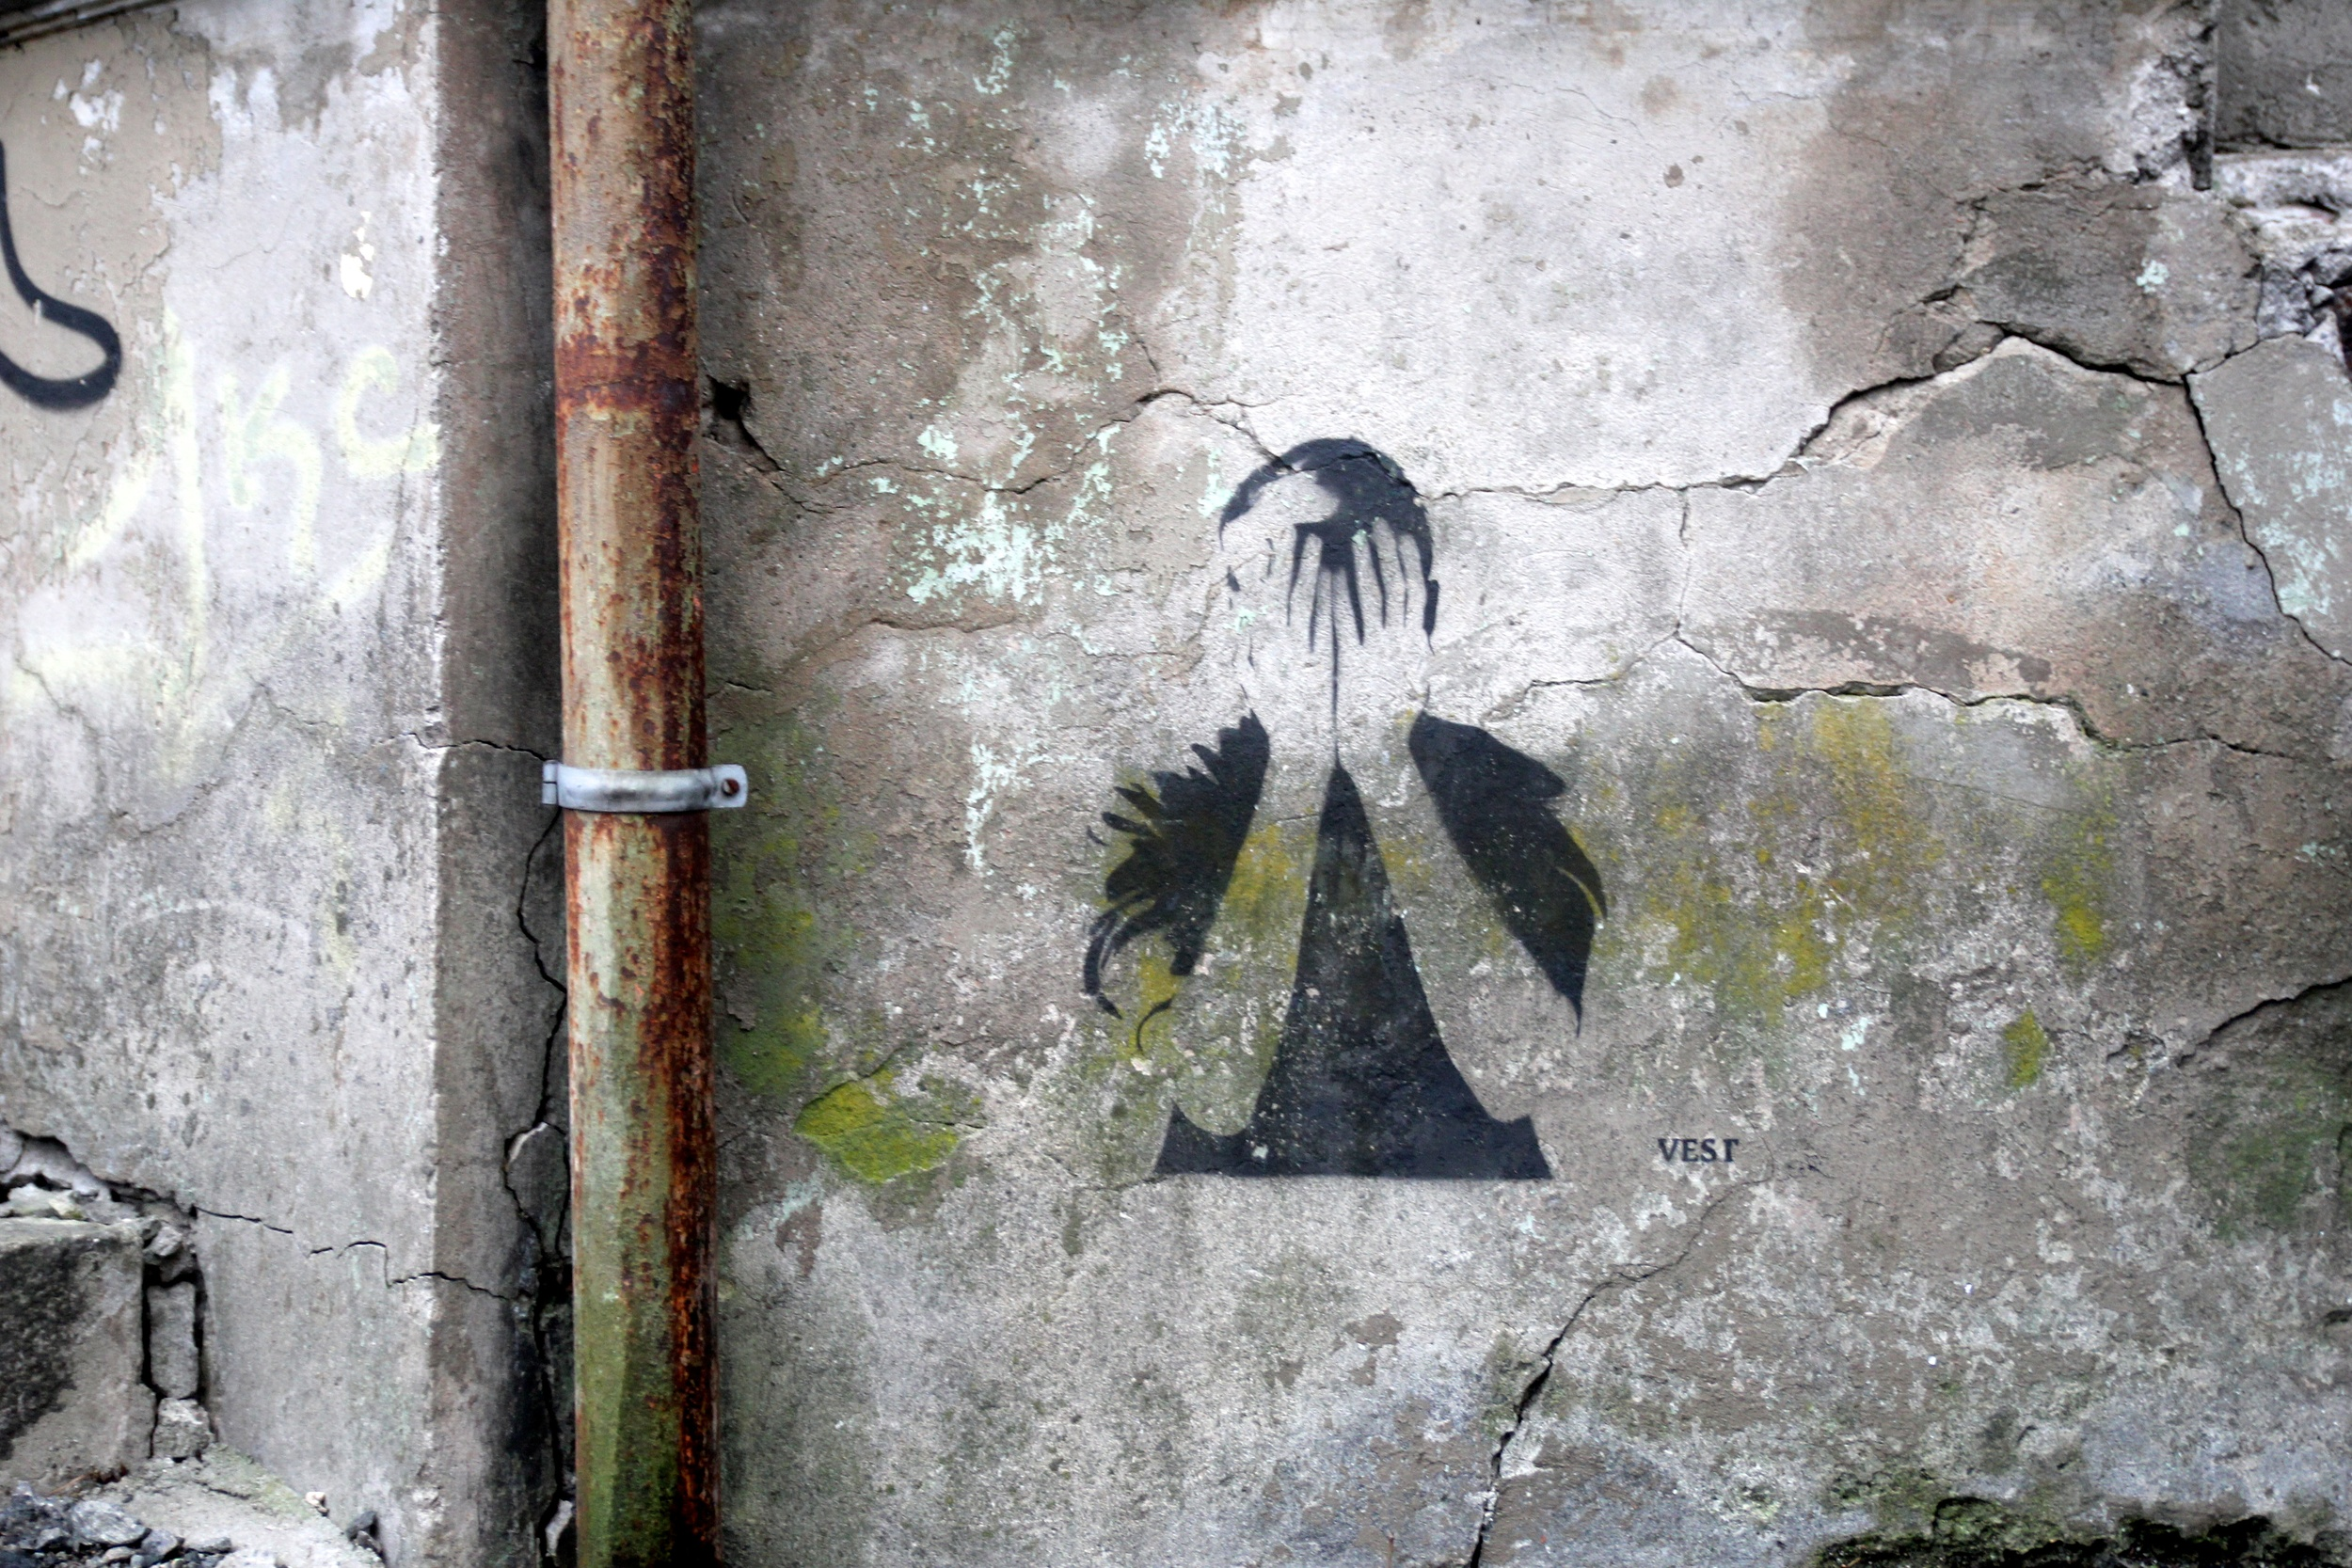 Stensil av gatekunstneren Vest, Skottegaten.